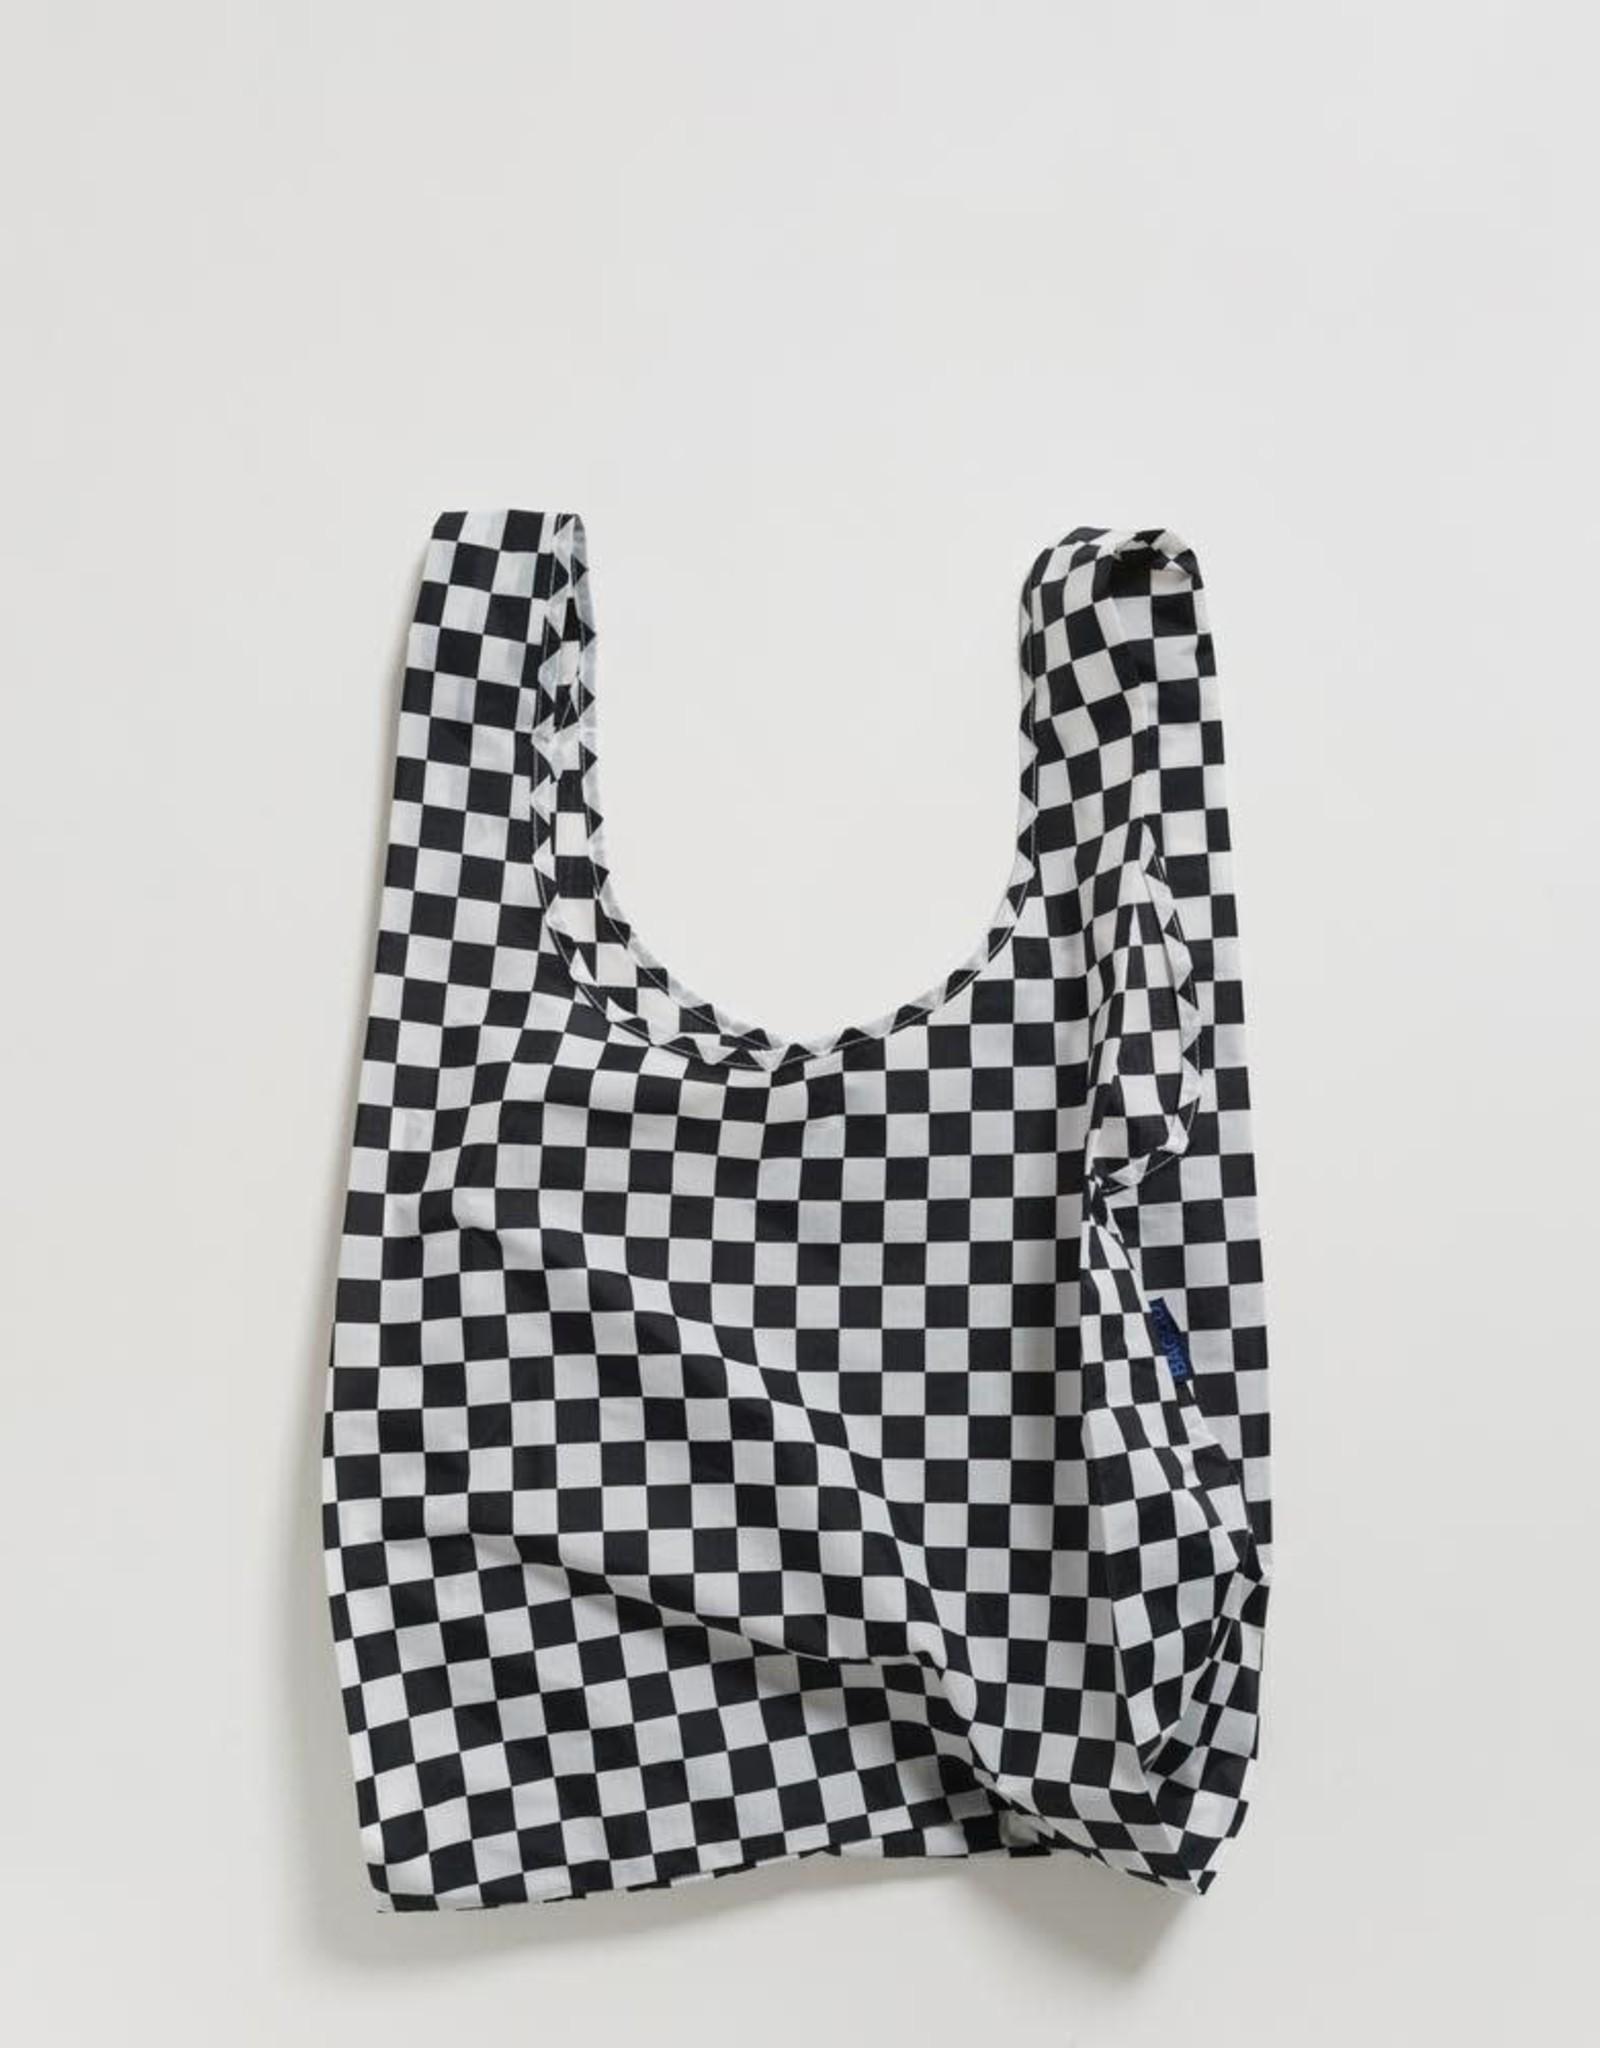 Black Checkerboard Reusable Shopping Bag